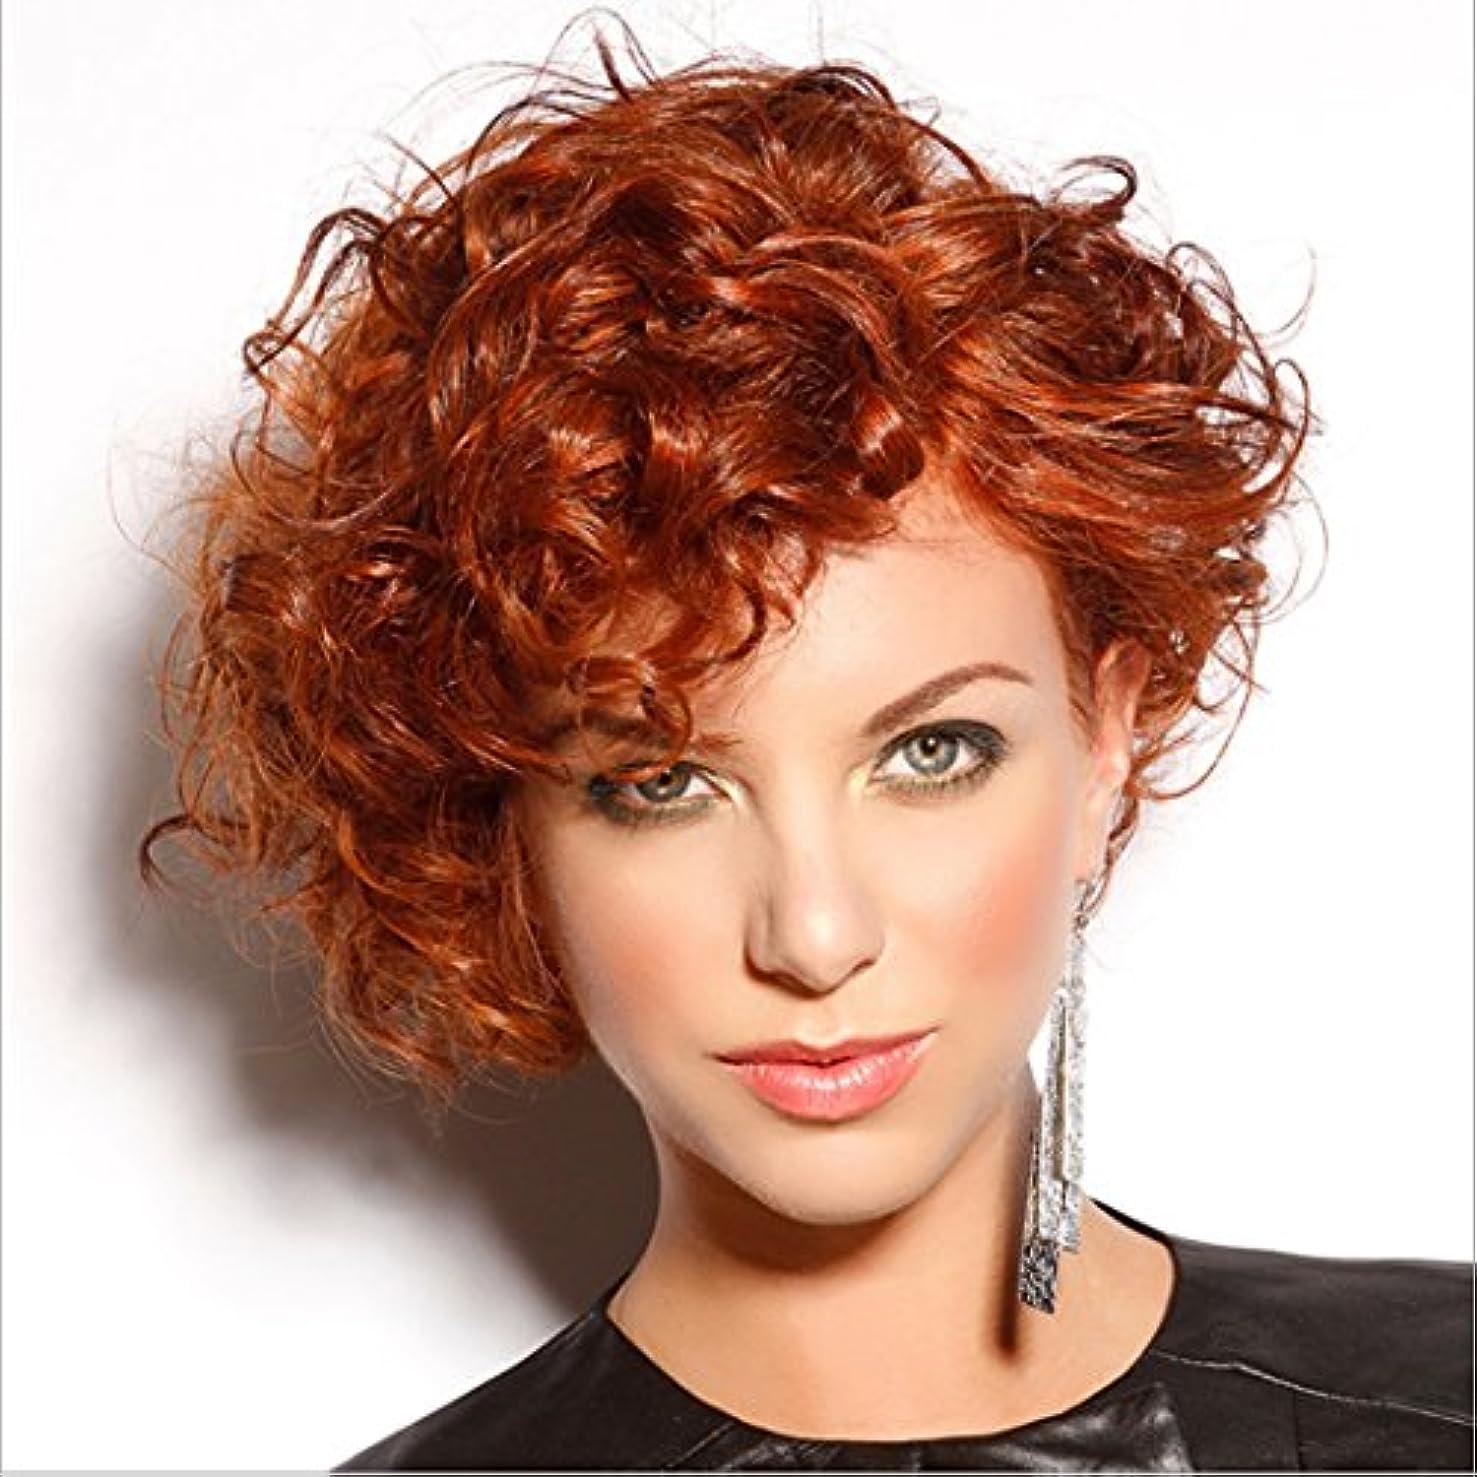 センターさびた残忍なYOUQIU 青少年の人格の女性のかつらのための部分的な斜め前髪ウィッグで女子ショートカーリーヘア用20センチメートルボボヘッドウィッグ (色 : ワインレッド)